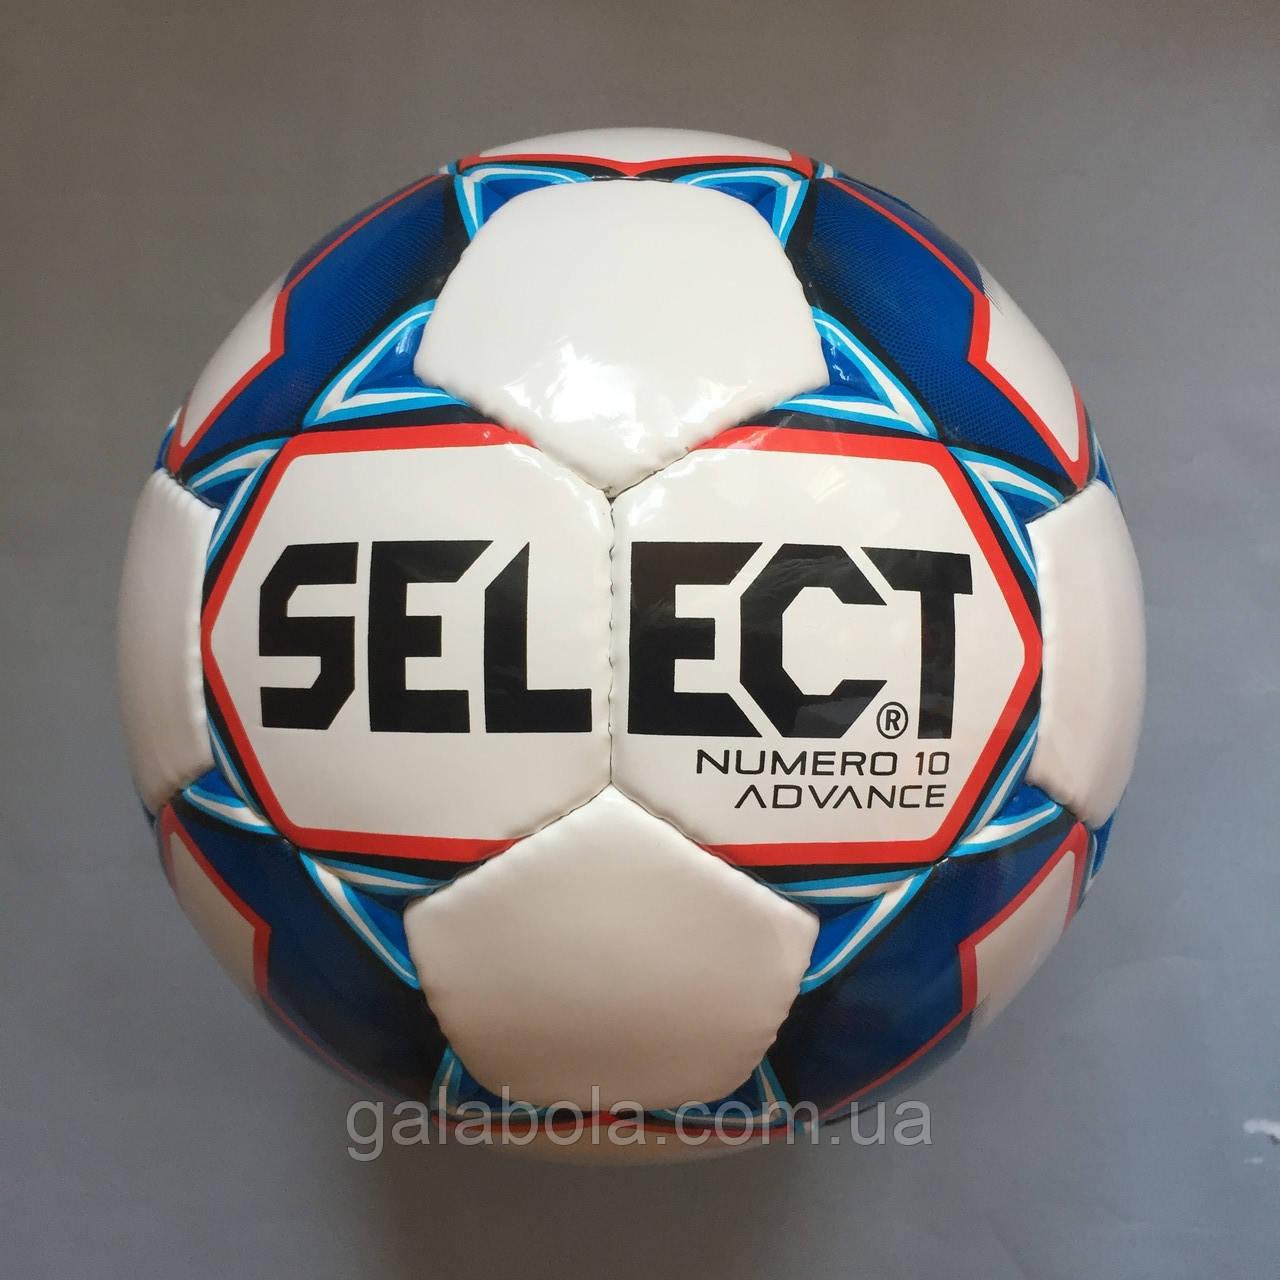 М'яч футбольний SELECT NUMERO 10 ADVANCE (розмір 5)